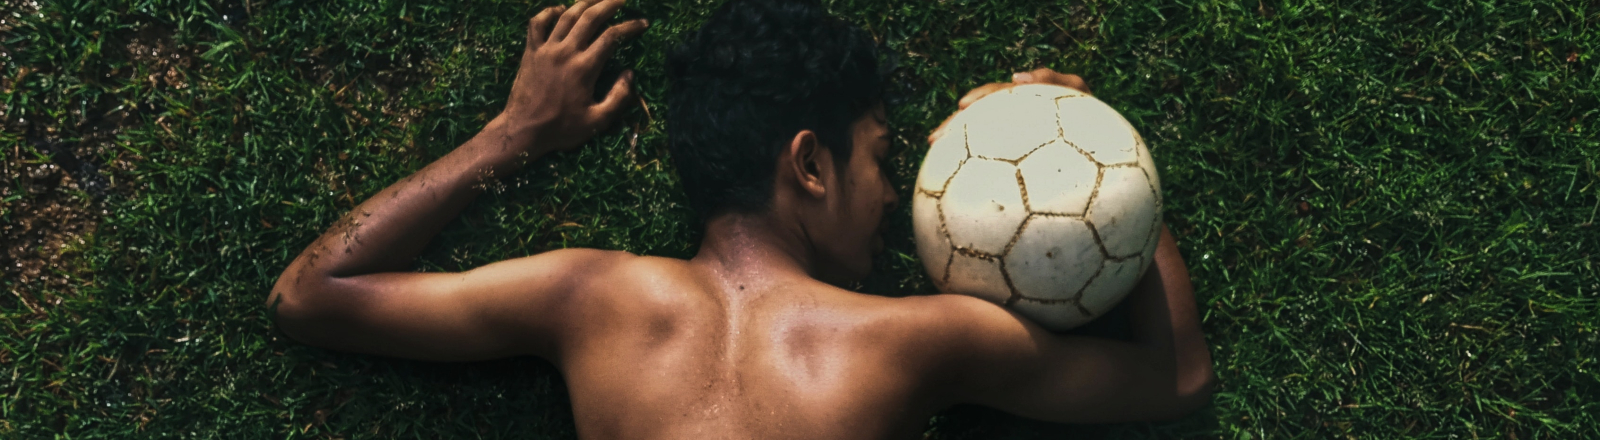 Ein junger Mann liegt neben einem Fußball.